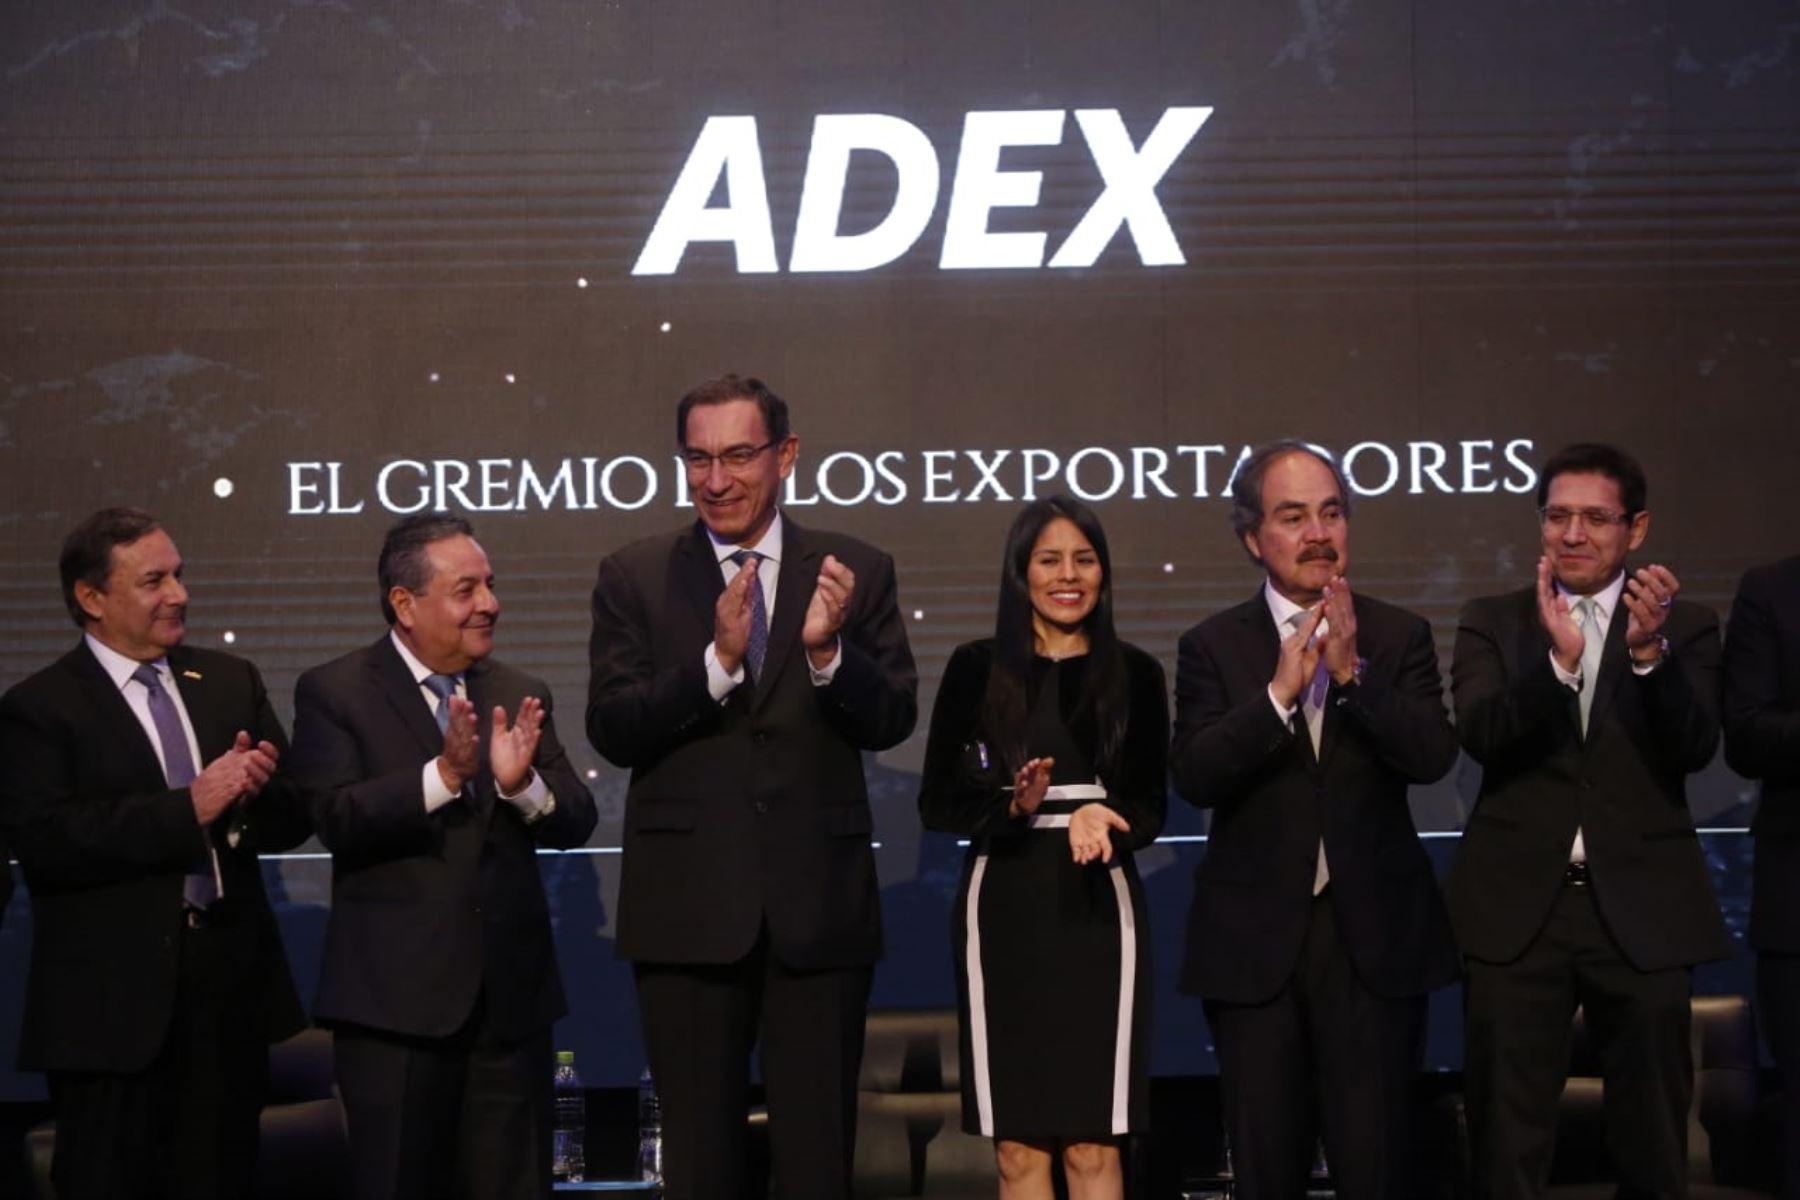 Presidente  Martín Vizcarra participa en la ceremonia de presentación del consejo directivo de la Asociación de Exportadores ( ADEX ).Foto: ANDINA/Prensa Presidencia